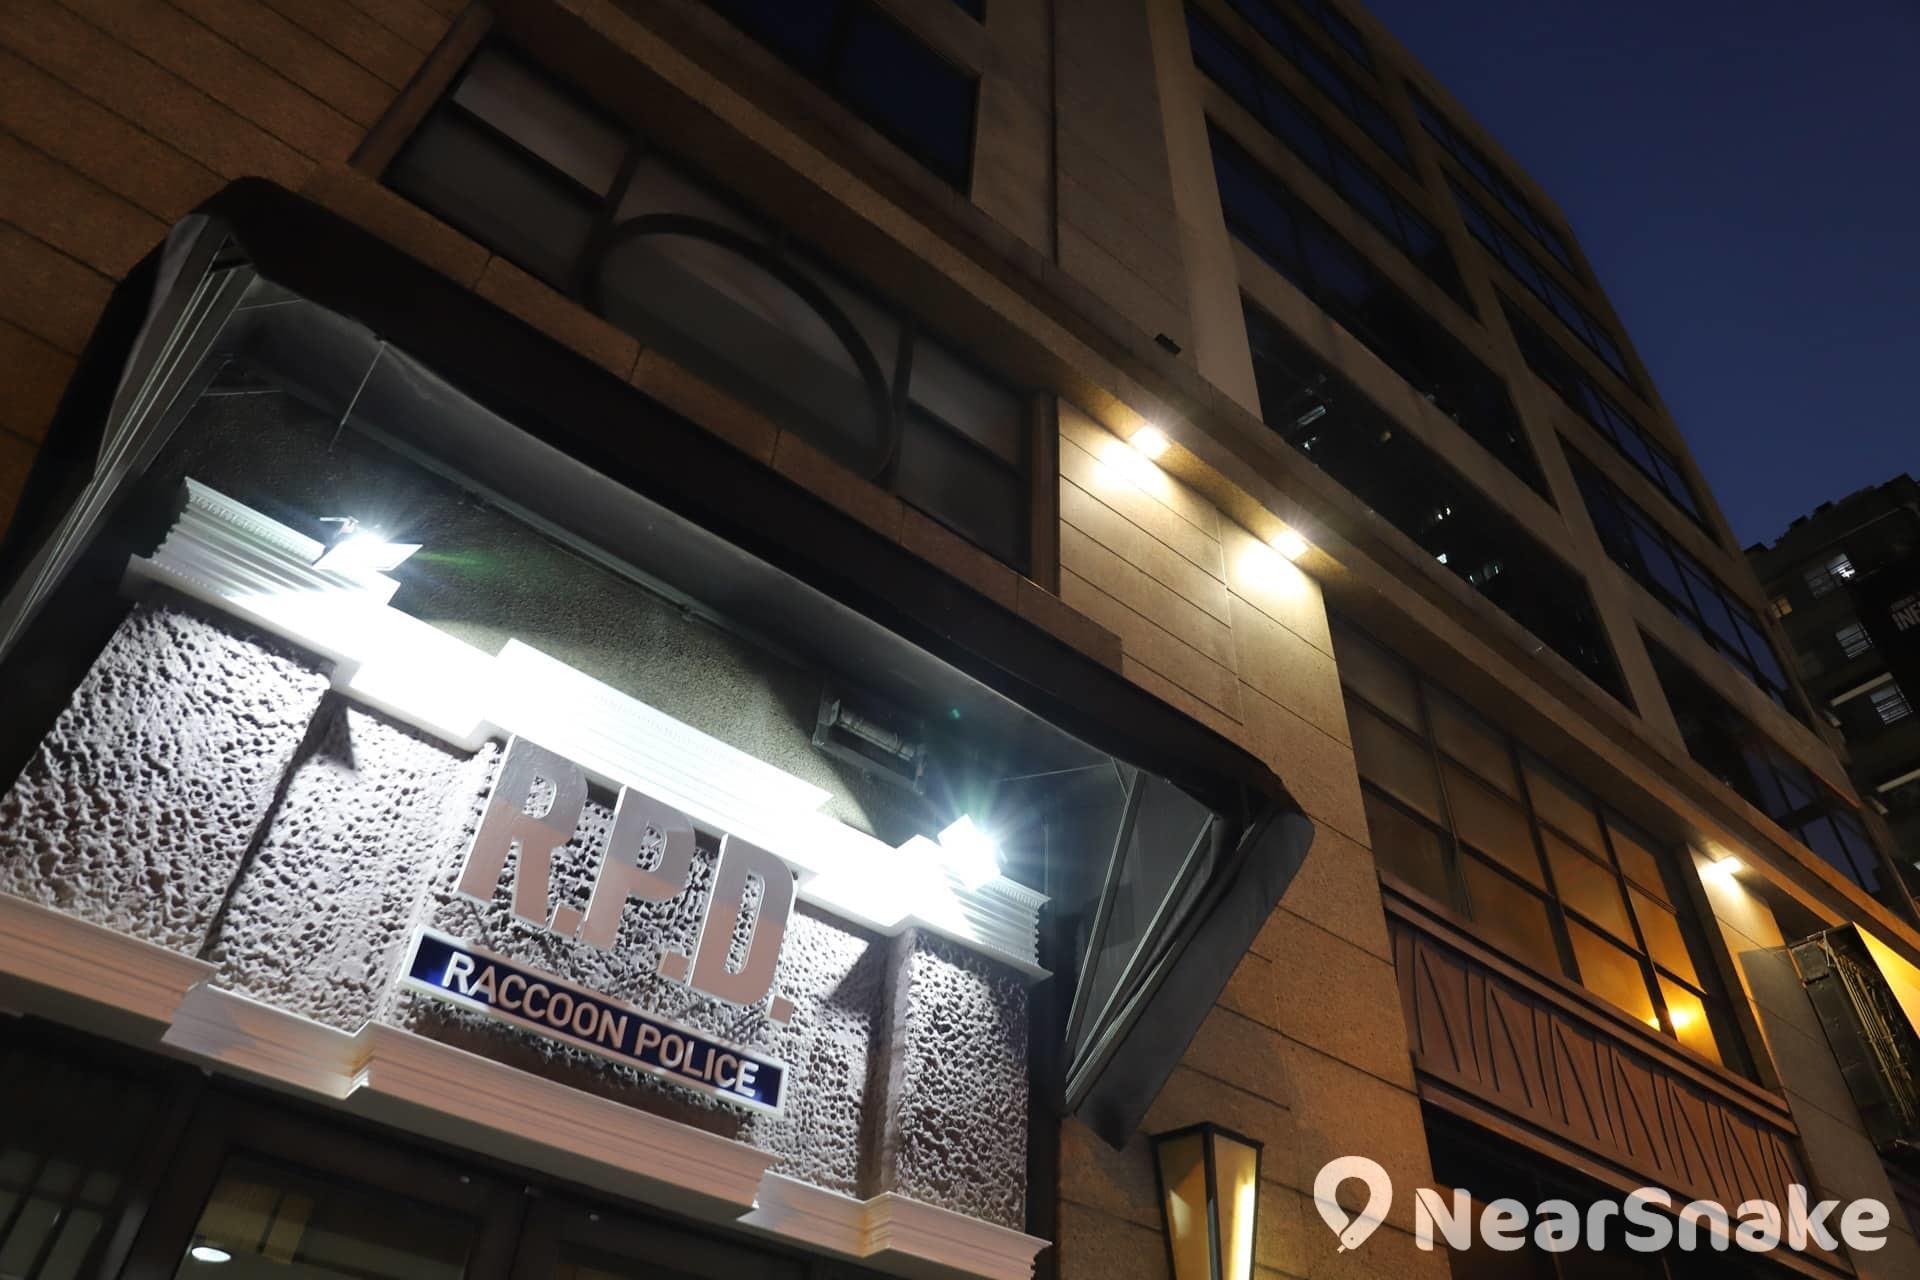 【萬聖節鬼屋2019】《生化危機2》遊戲場景神還原 實景體驗館勾起集體回憶 體驗館所在的大廈門口也換上 R.P.D 警局的標誌。